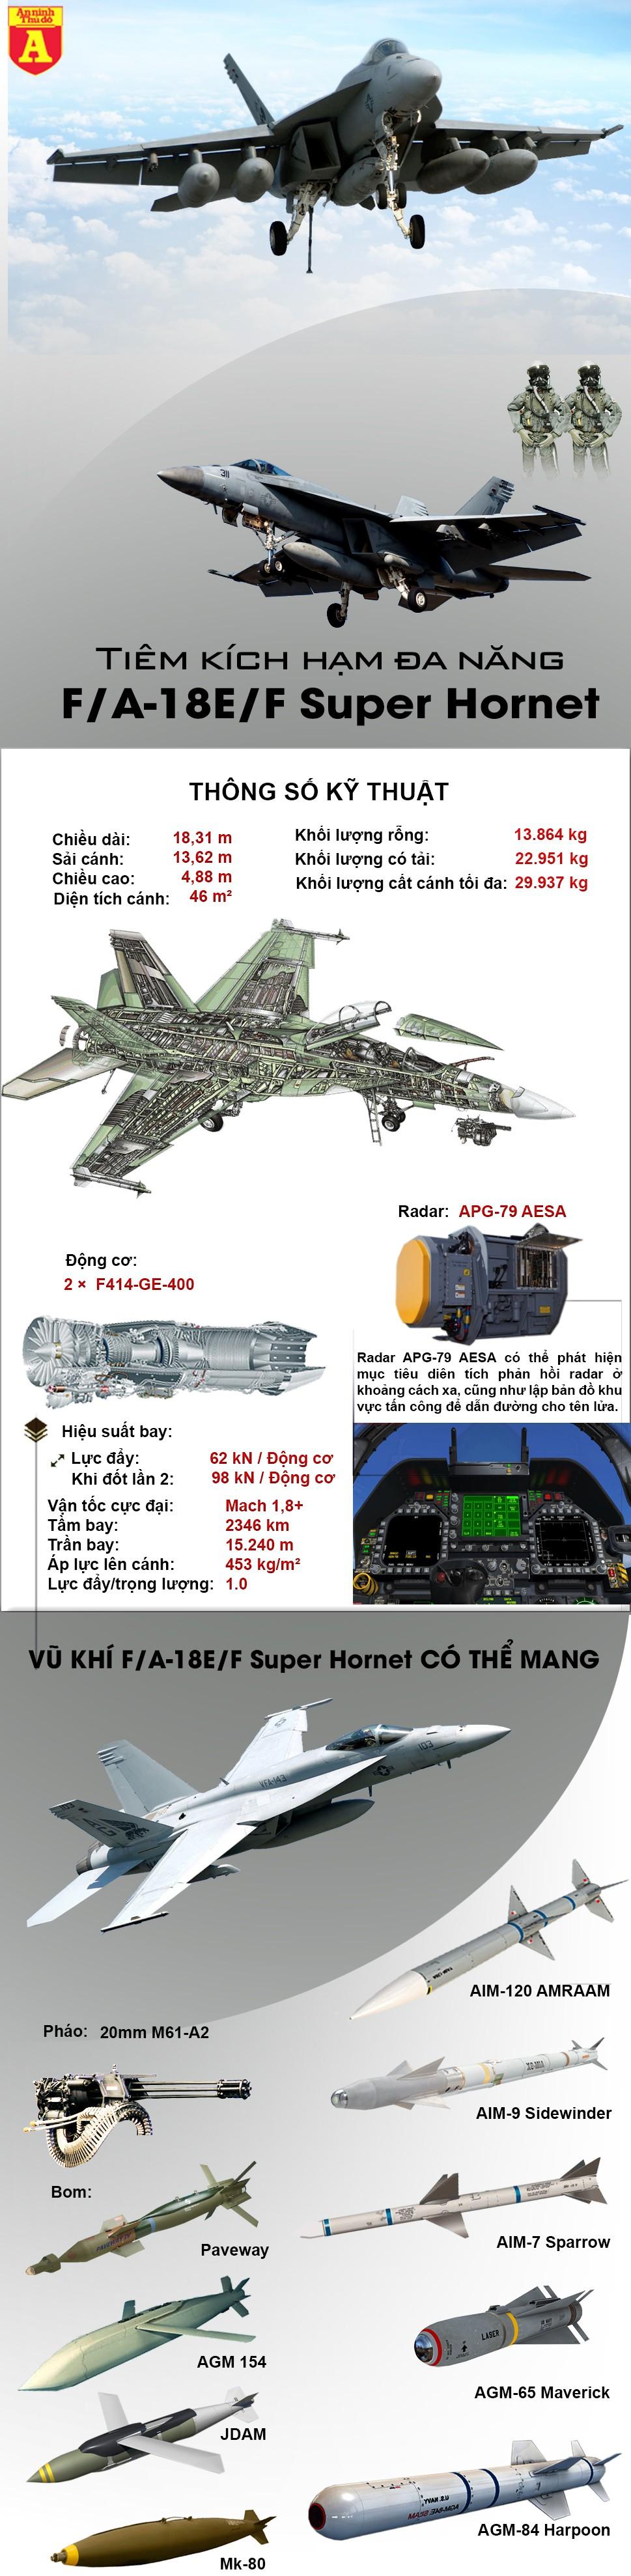 [Infographic] Loại chiến đấu cơ mạnh nhất của hải quân Mỹ khiến khủng bố IS kinh hoàng, Syria lo sợ ảnh 2